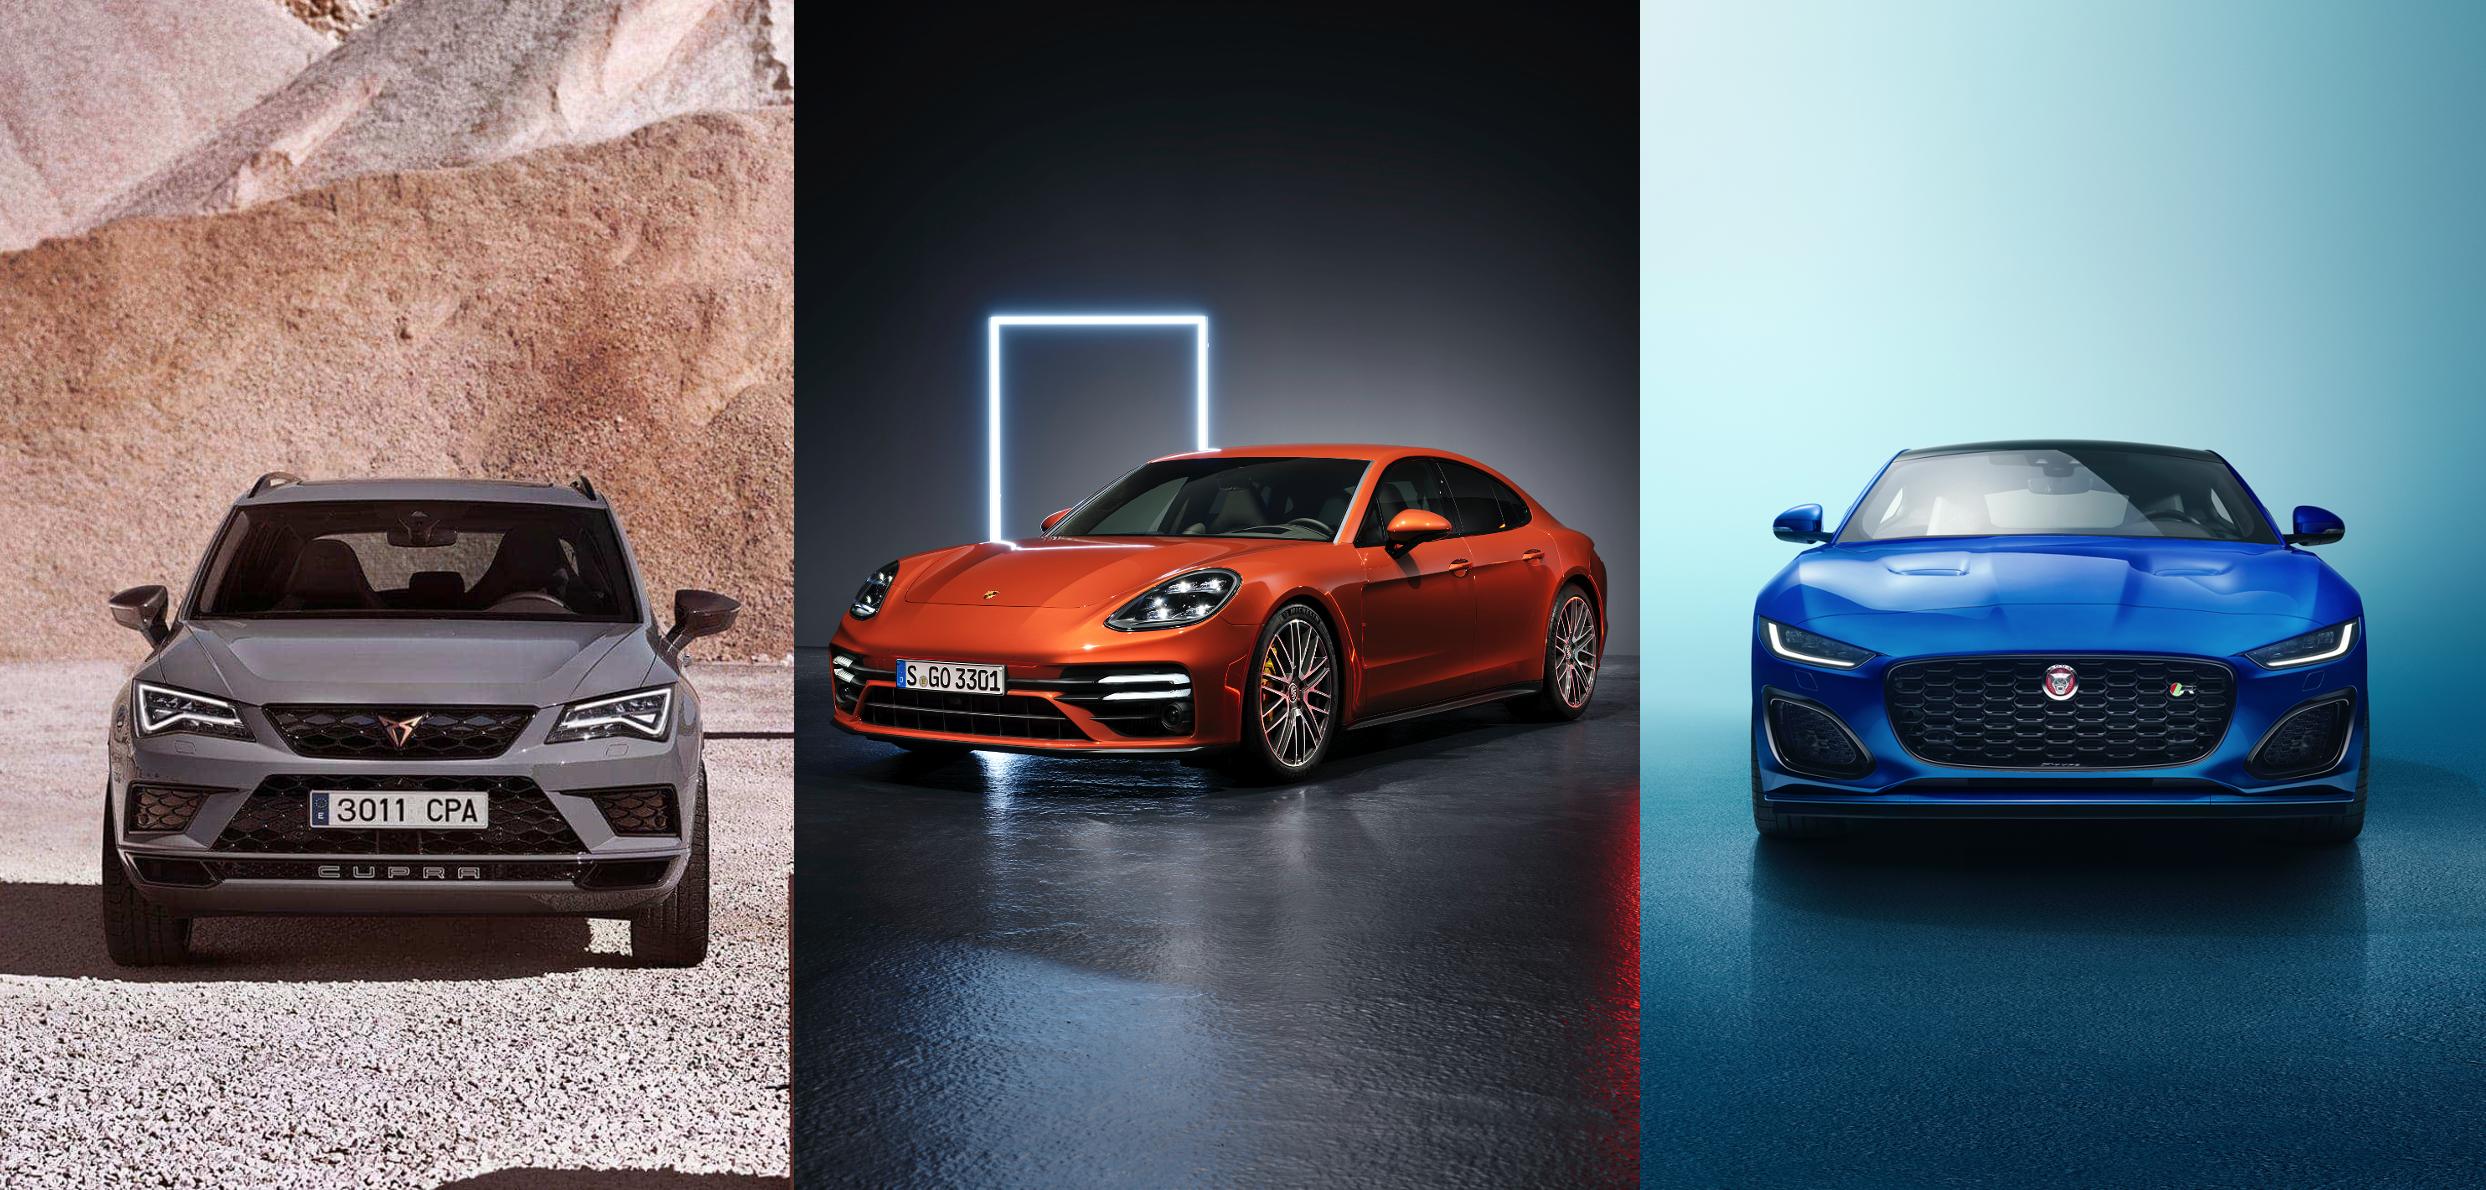 Tecnologías en CUPRA Ateca LE, Porsche Panamera y Jaguar F-Type